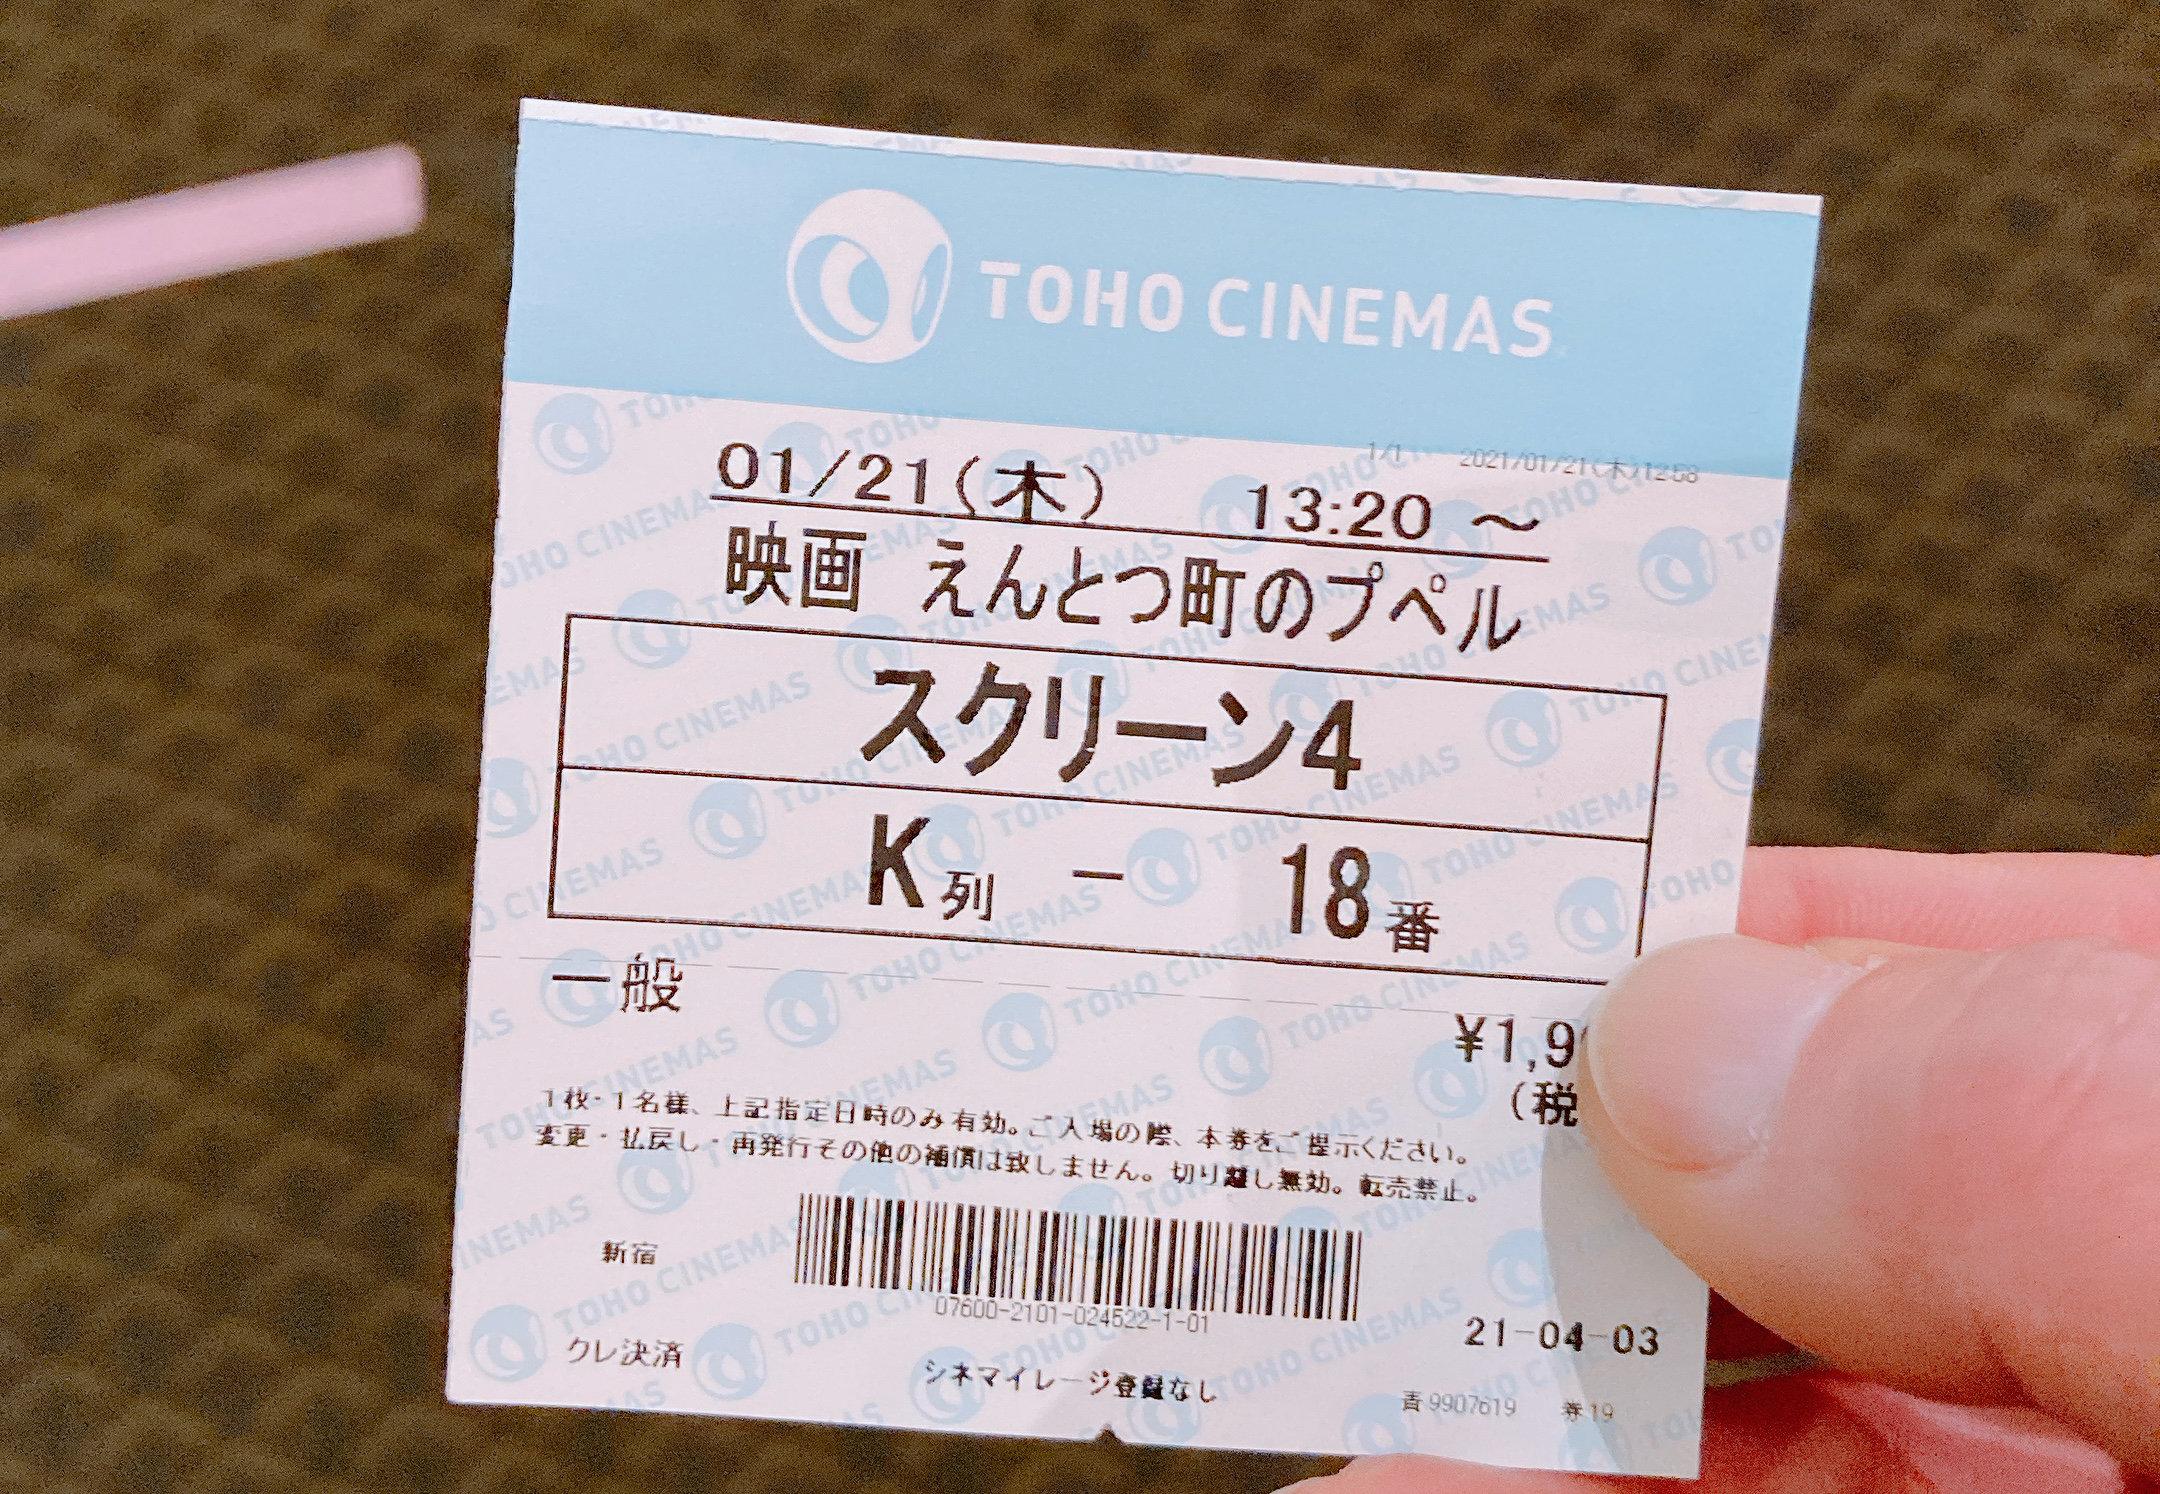 【ネタバレなし】映画『えんとつ町のプペル』を見た正直な感想「スポ根アニメかと思った」